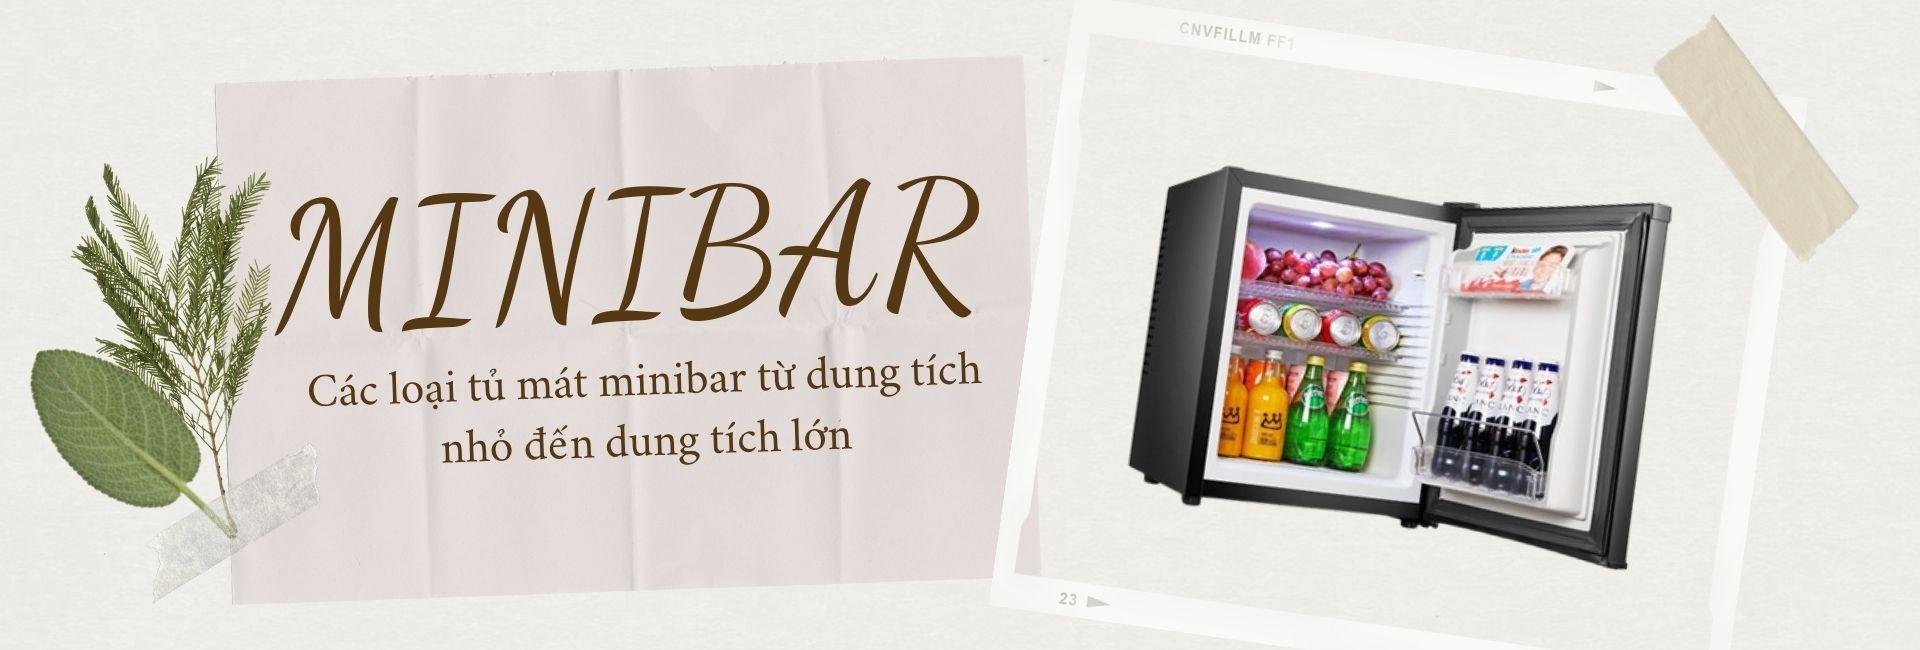 Tủ mát khách sạn - Tủ Minibar Homesun - Tủ lạnh khách sạn